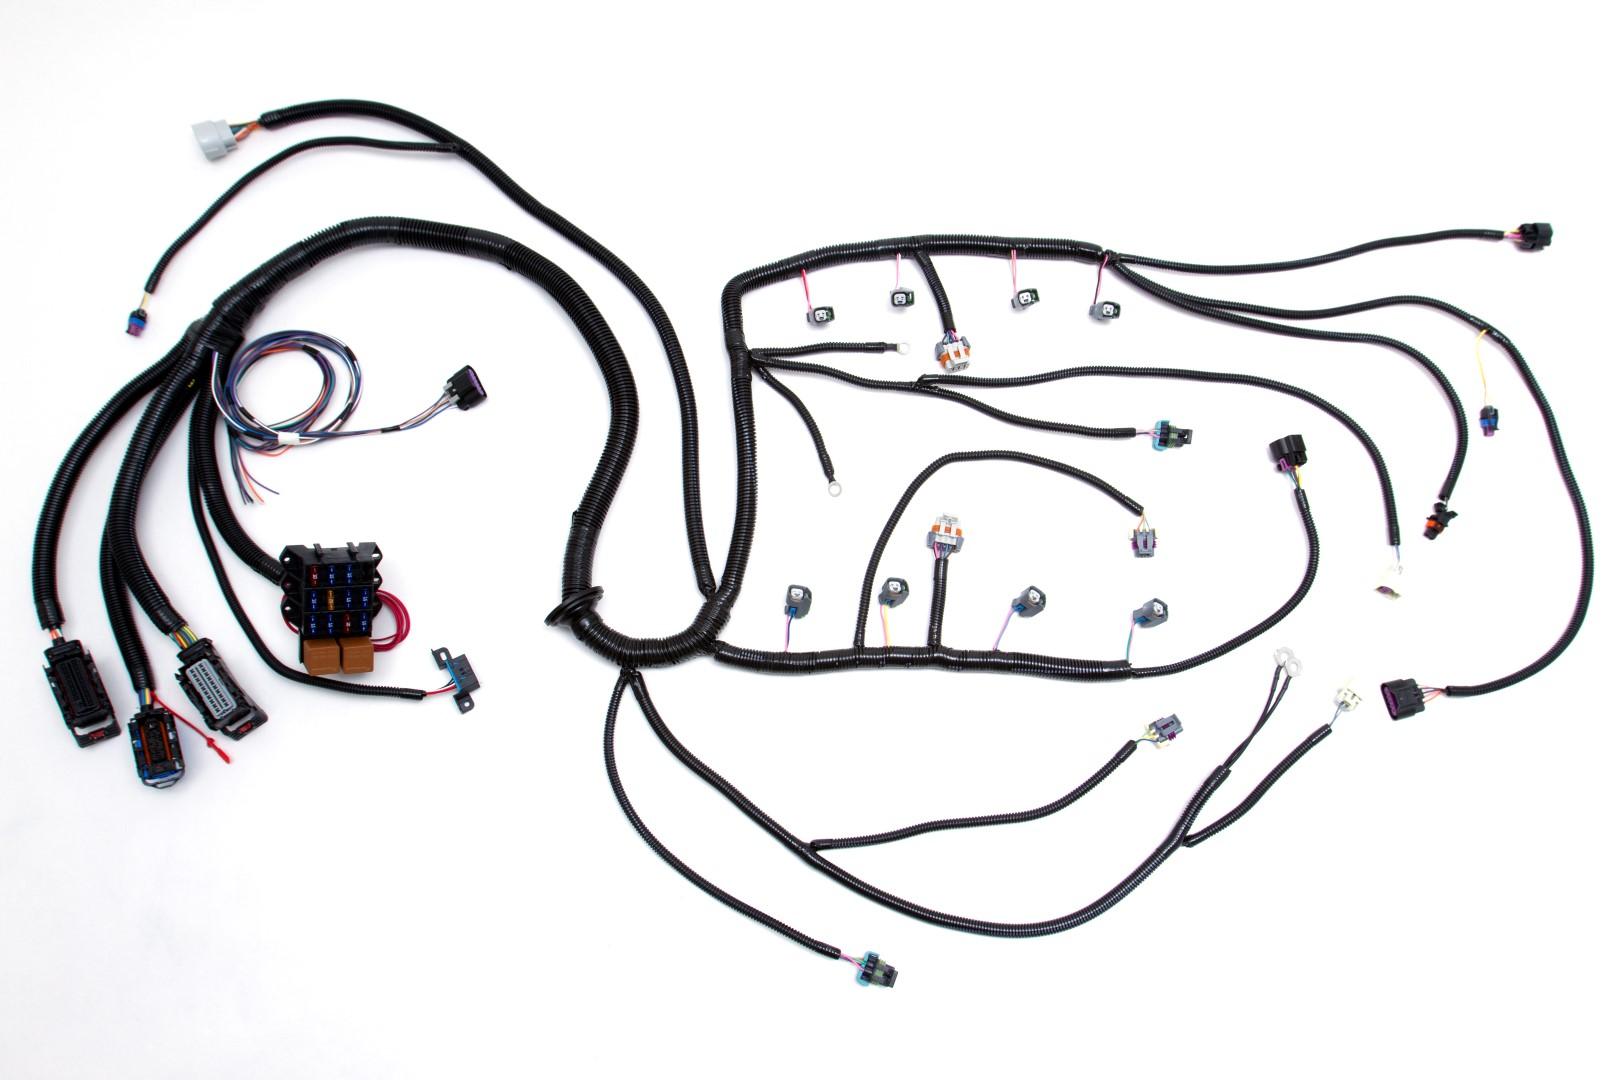 08 09 l76 6 0l standalone wiring harness w 4l60e custom 8e1097a73090570145aae6c191051500 49bee8e65345770145aae6e243051500 · dc37d10f691e800145aae6f98e051500 · 8e1097a73090570145aae6c191051500